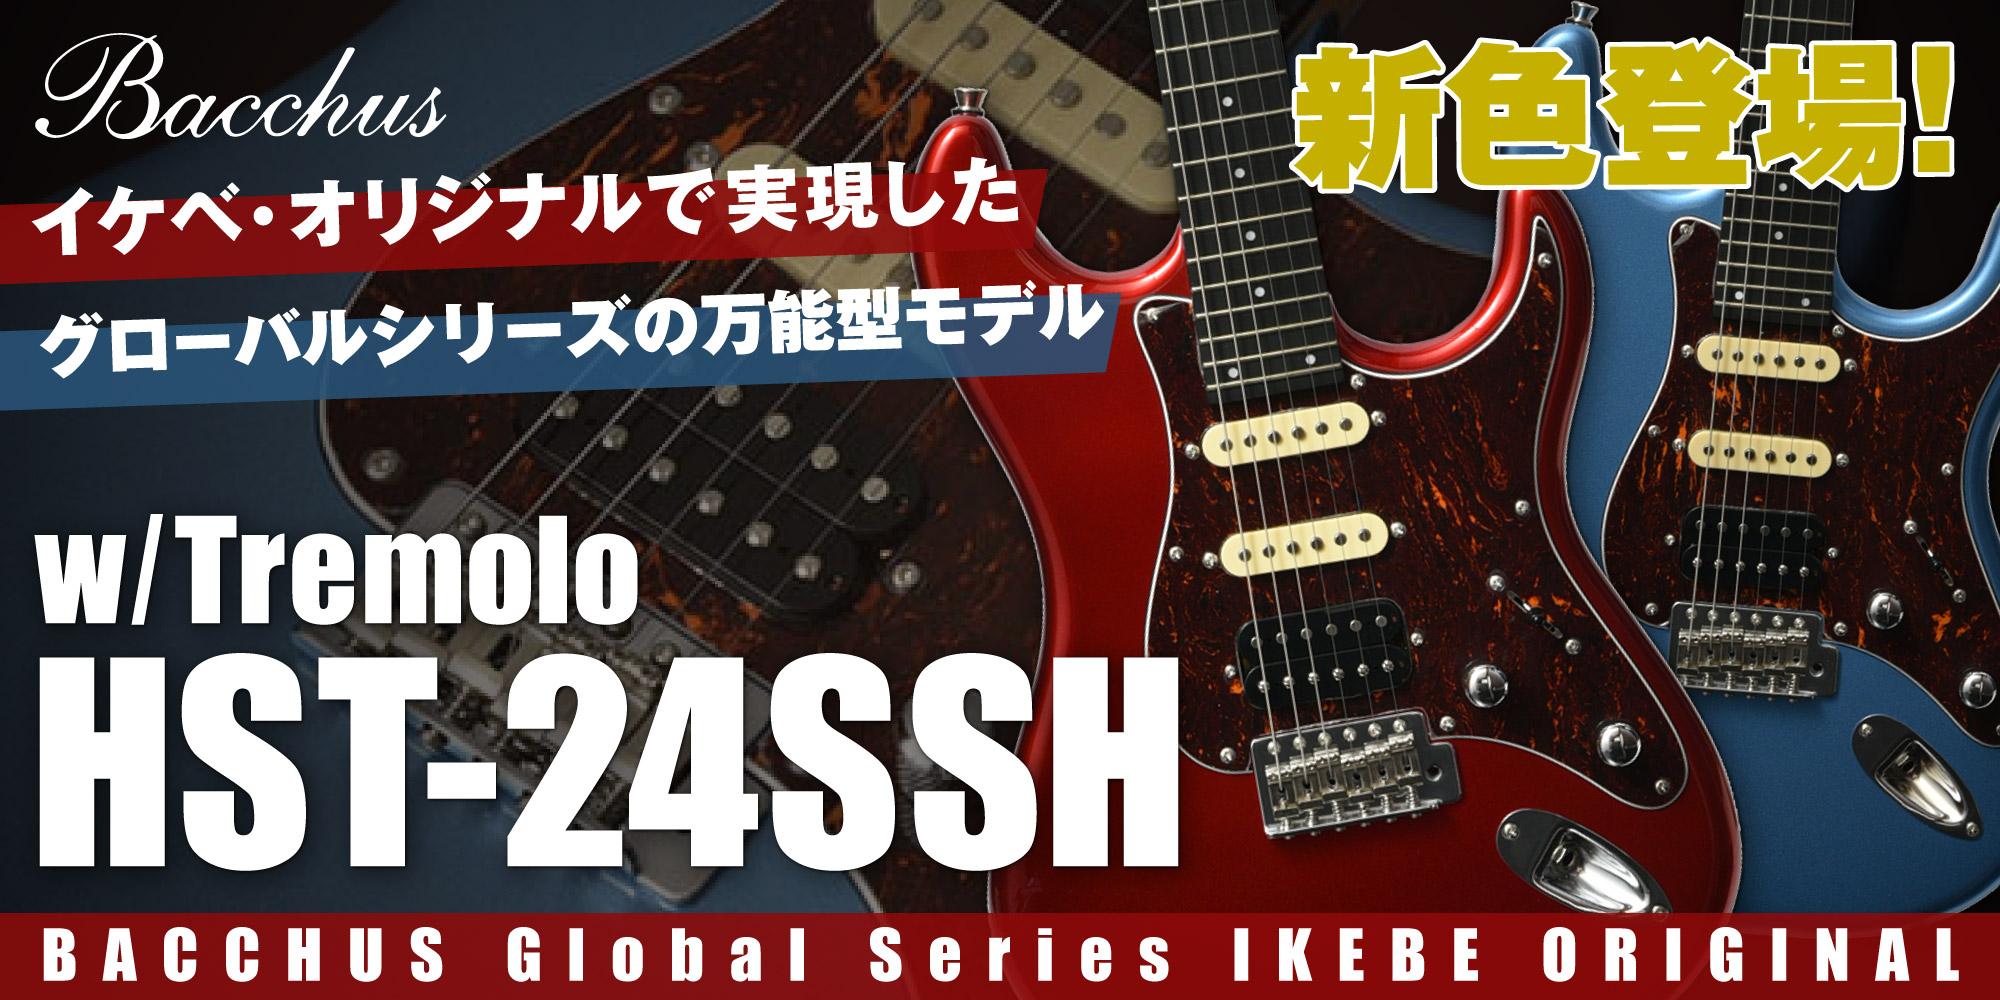 イケベ・オリジナルで実現した、バッカス・グローバルシリーズの万能型モデル「HST-24SSH w/Tremolo」に新色登場!